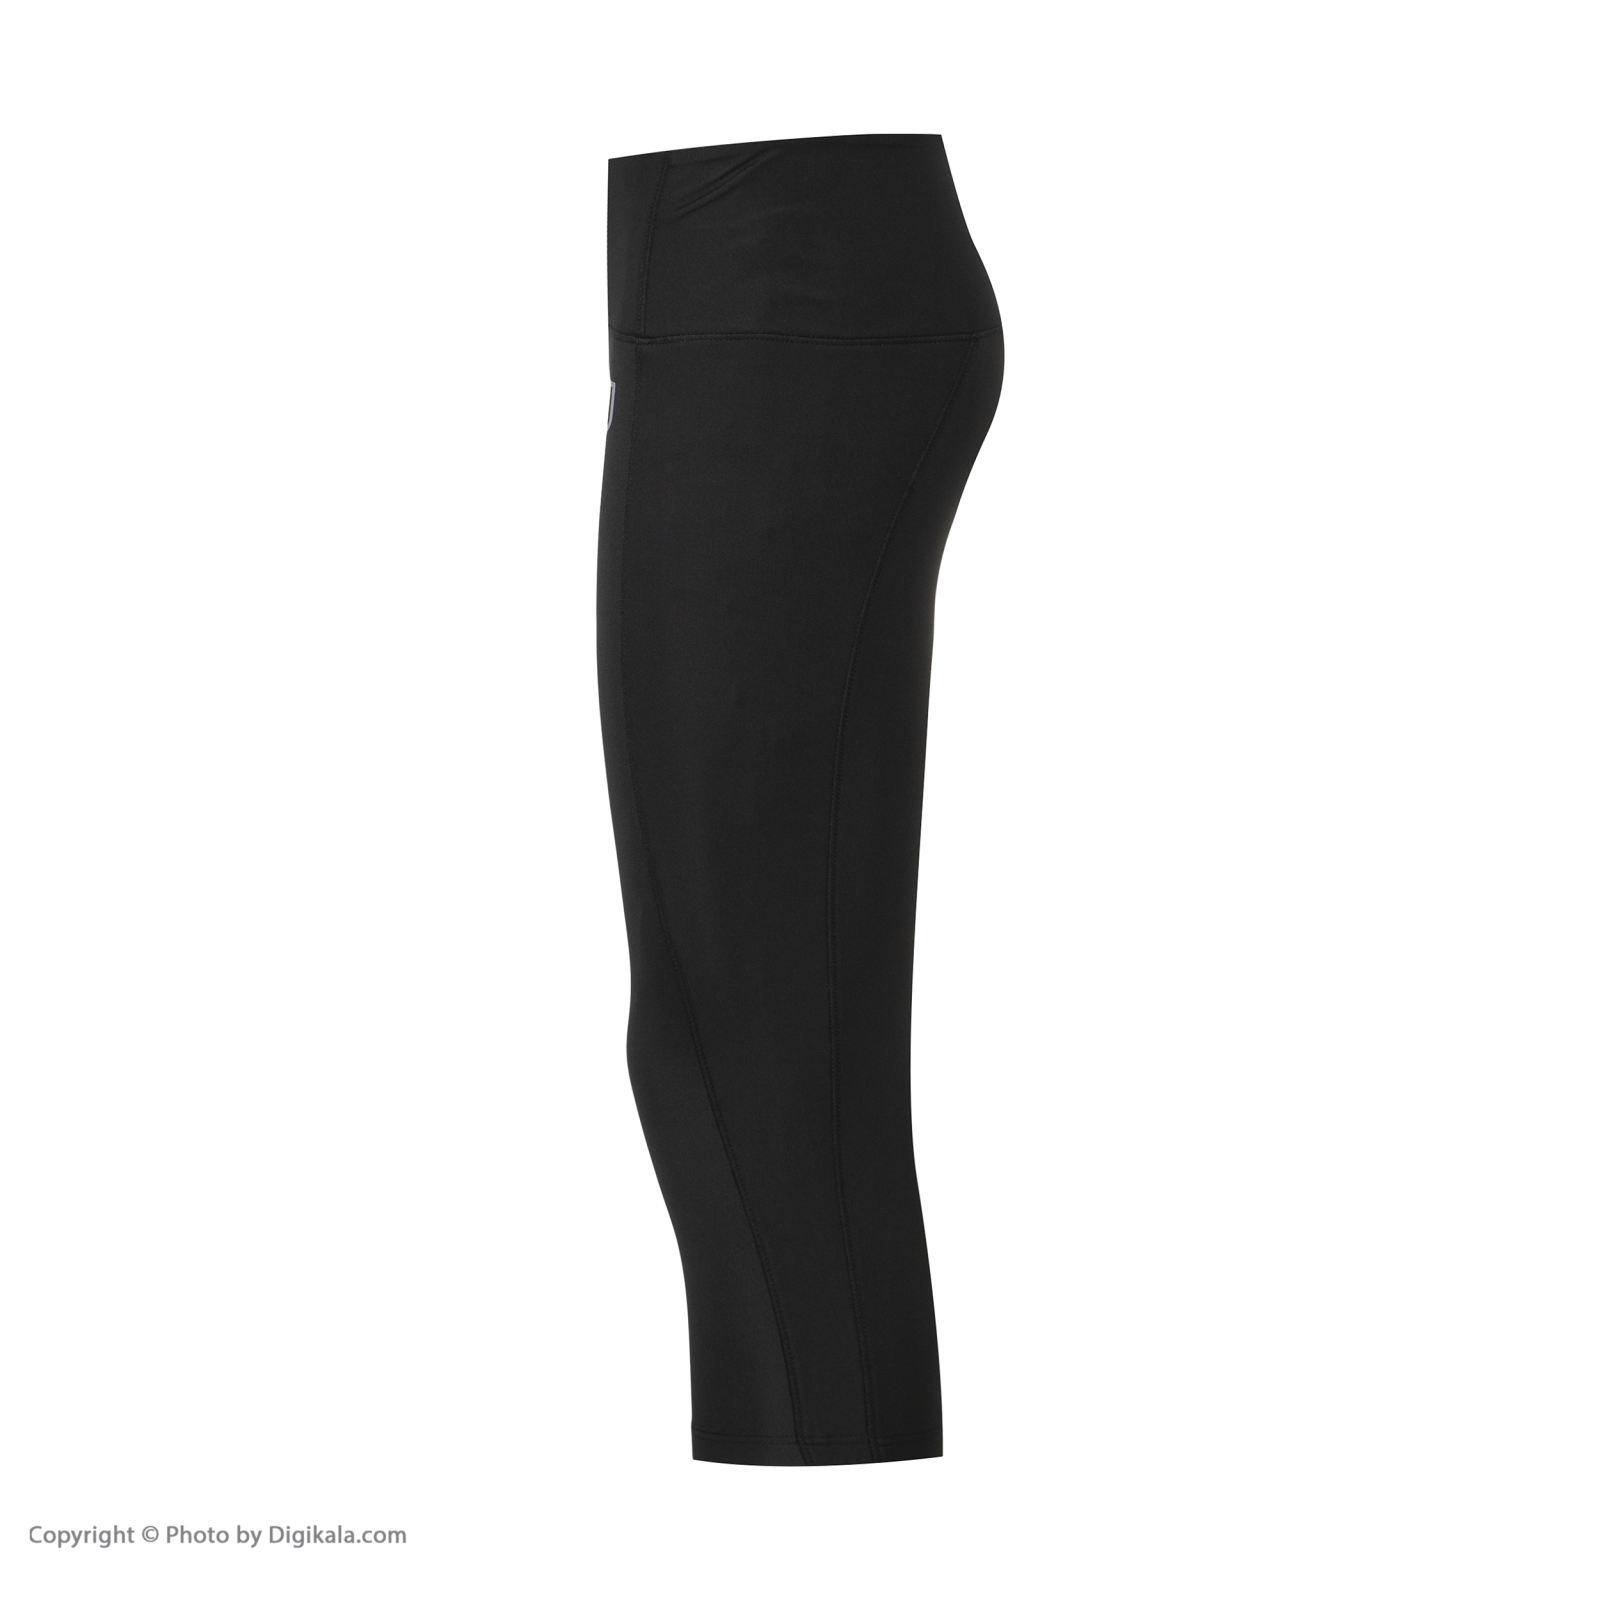 شلوارک ورزشی زنانه یونی پرو مدل 812291102-95 -  - 5